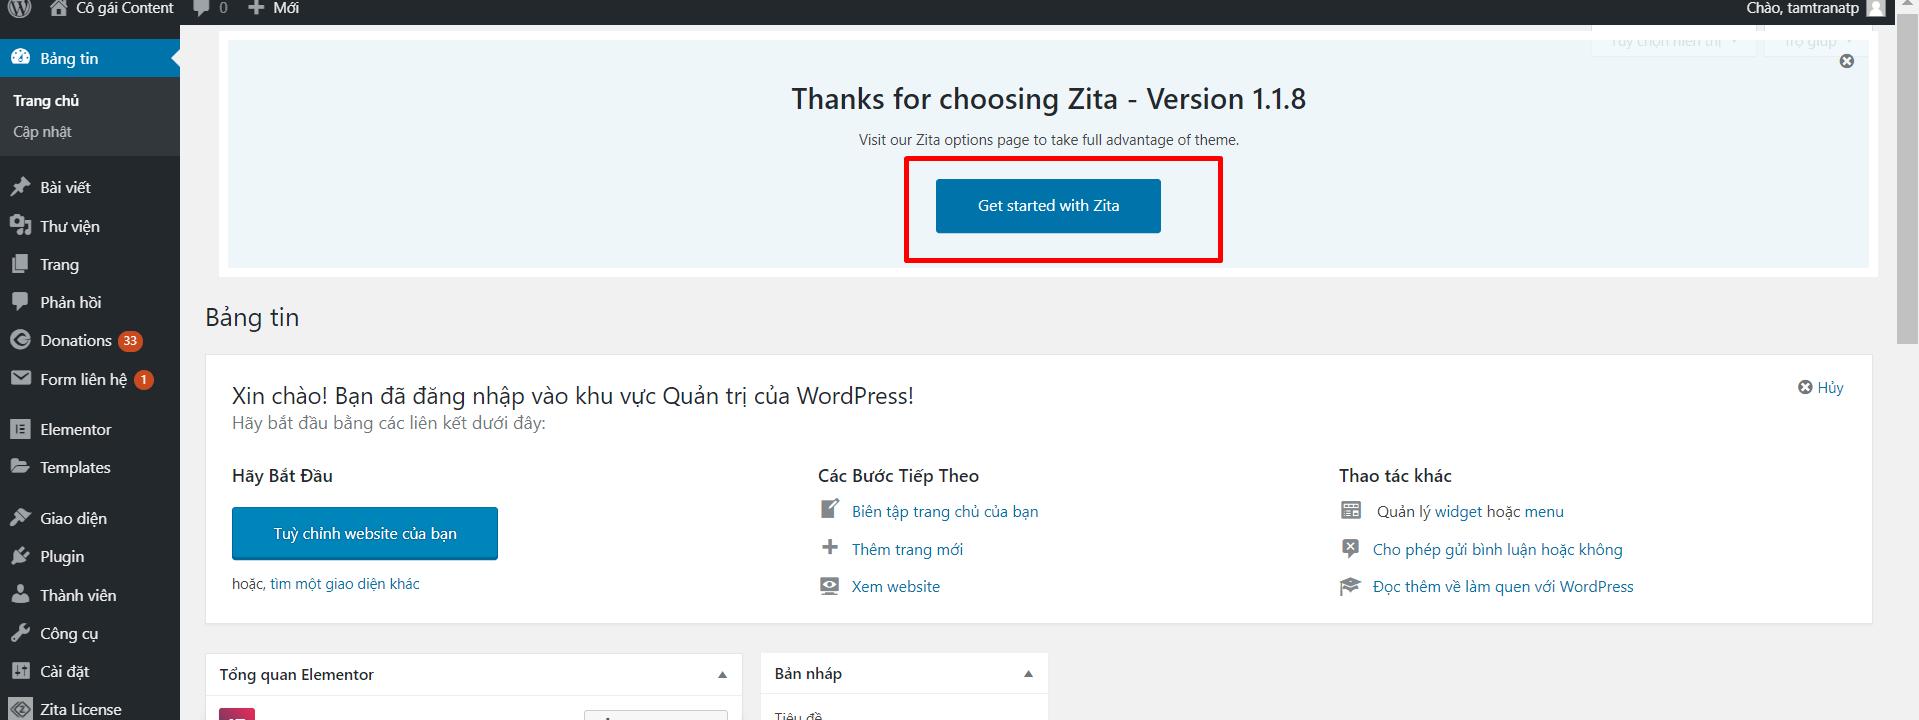 Screenshot 62 - Hướng dẫn tự thiết kế website không cần dùng code cho người mới bắt đầu từ A-Z